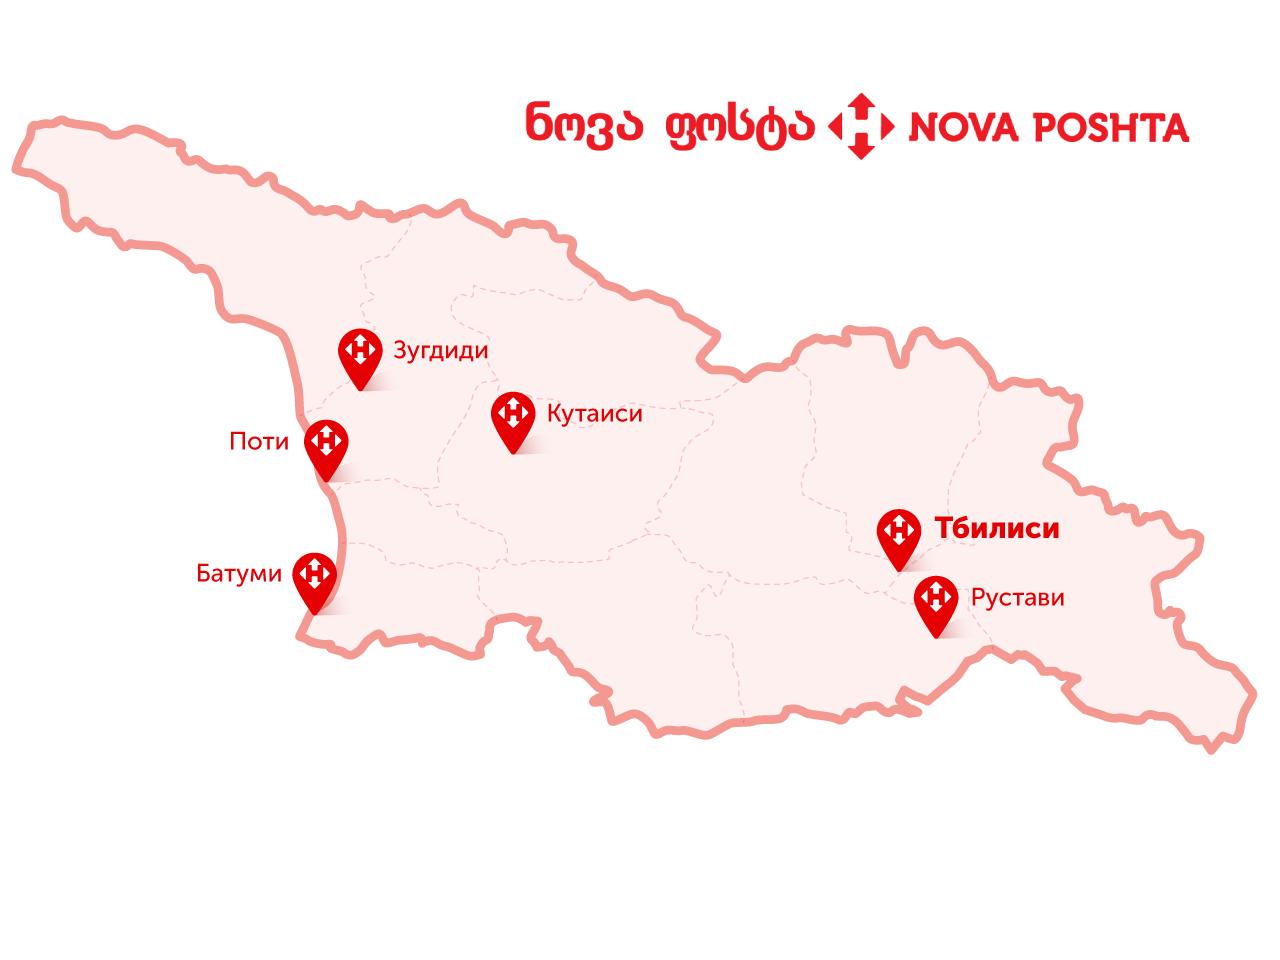 Доставка посылок по Новой Почте в Грузию